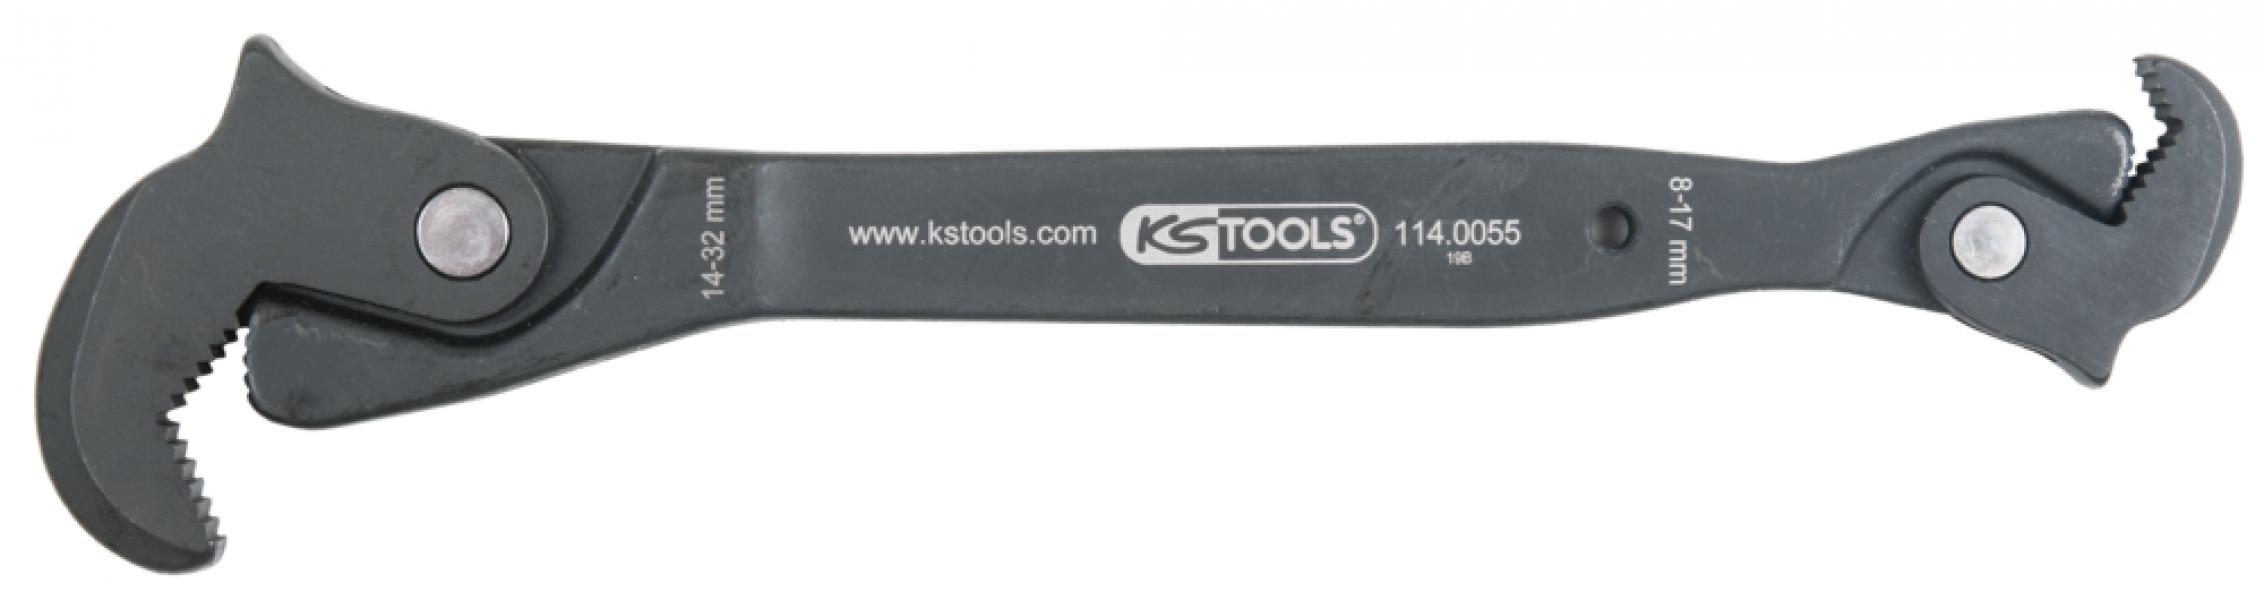 Photo 1 KS Tools innove une nouvelle fois avec cette clé multi-fonction à cliquet (référence 114.0055) qui s'adapte à tous types d'écrous : de 8 à 32 mm, 4 pans, 6 pans, 12 pans, XZN®, TORX®.  Son articulation auto-serrante permet d'assurer une fonction de cliquet ainsi qu'une prise ajustée à la forme de tête de vis.  Enfin, elle dispose d'une accroche performante grâce à ses mâchoires dentées. - KSTOOLS